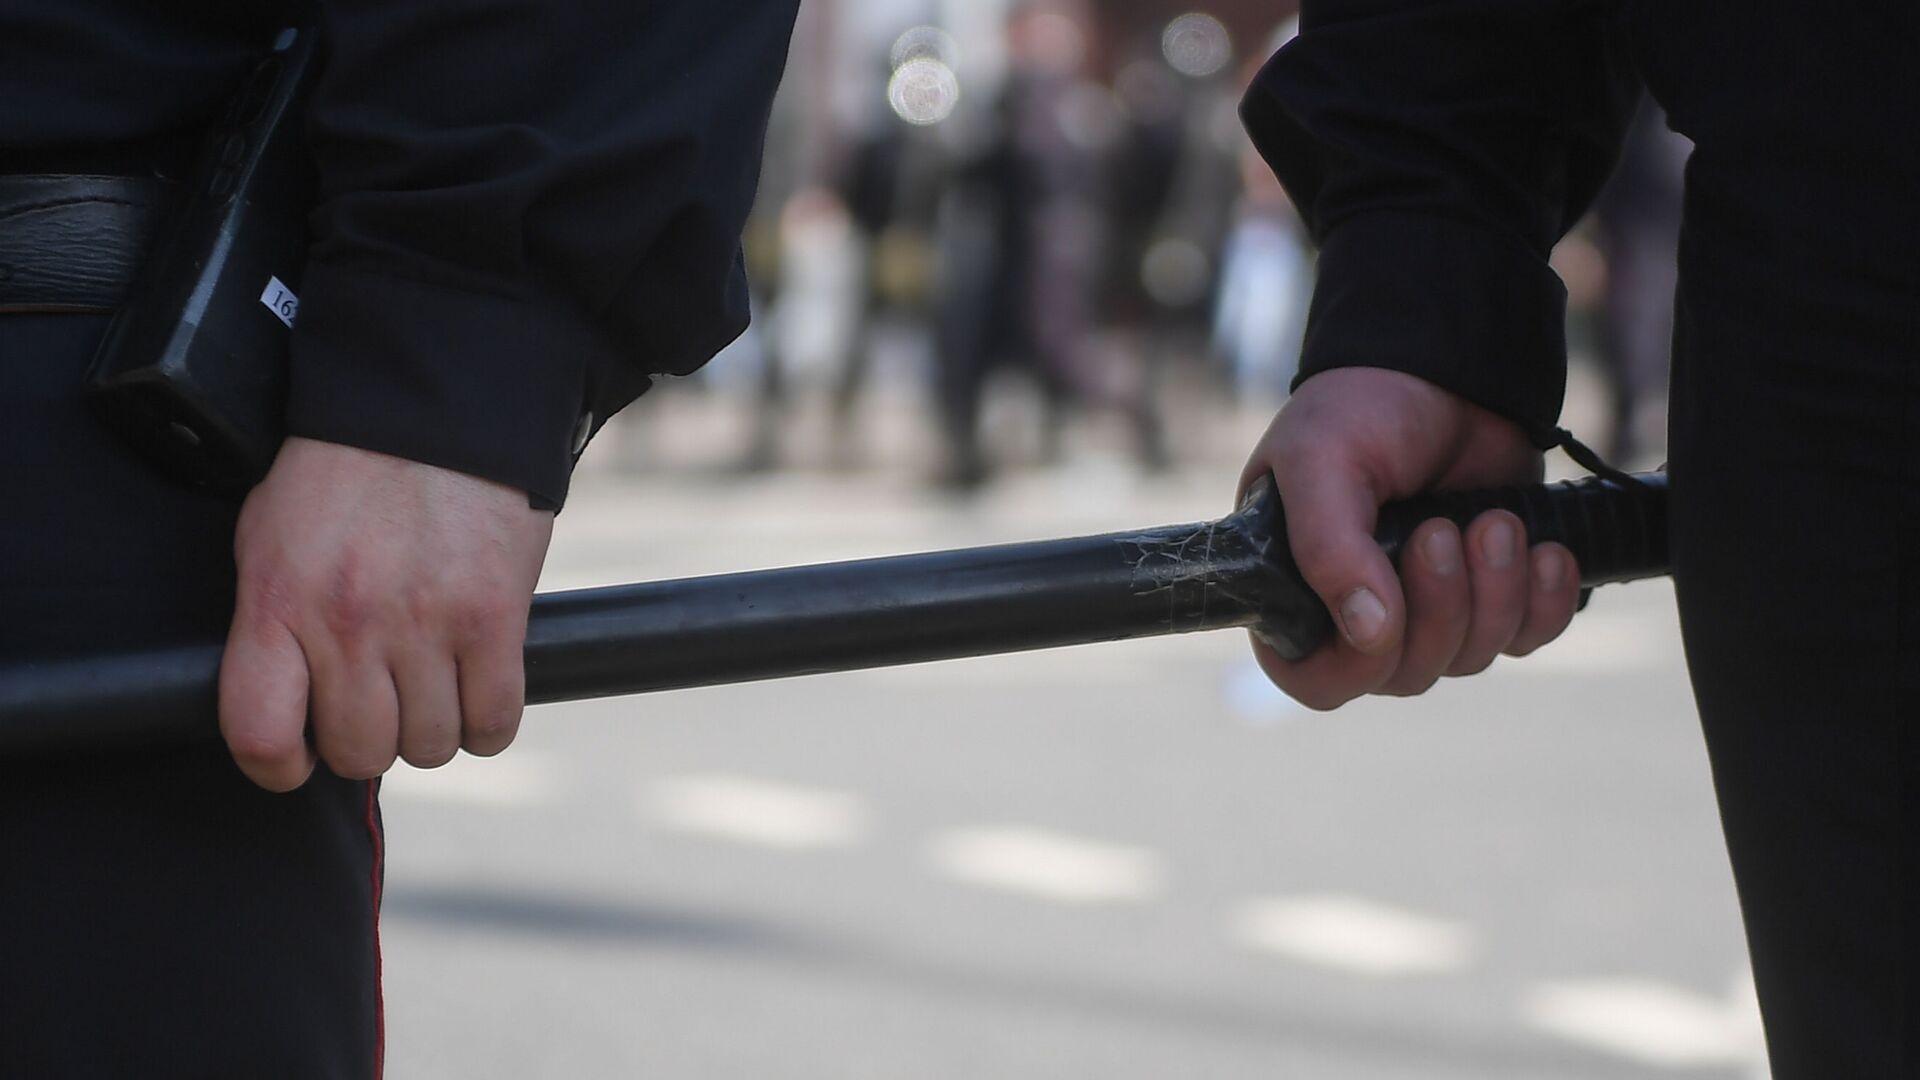 Сотрудники полиции на Пушкинской площади в Москве. - Sputnik Абхазия, 1920, 27.09.2021